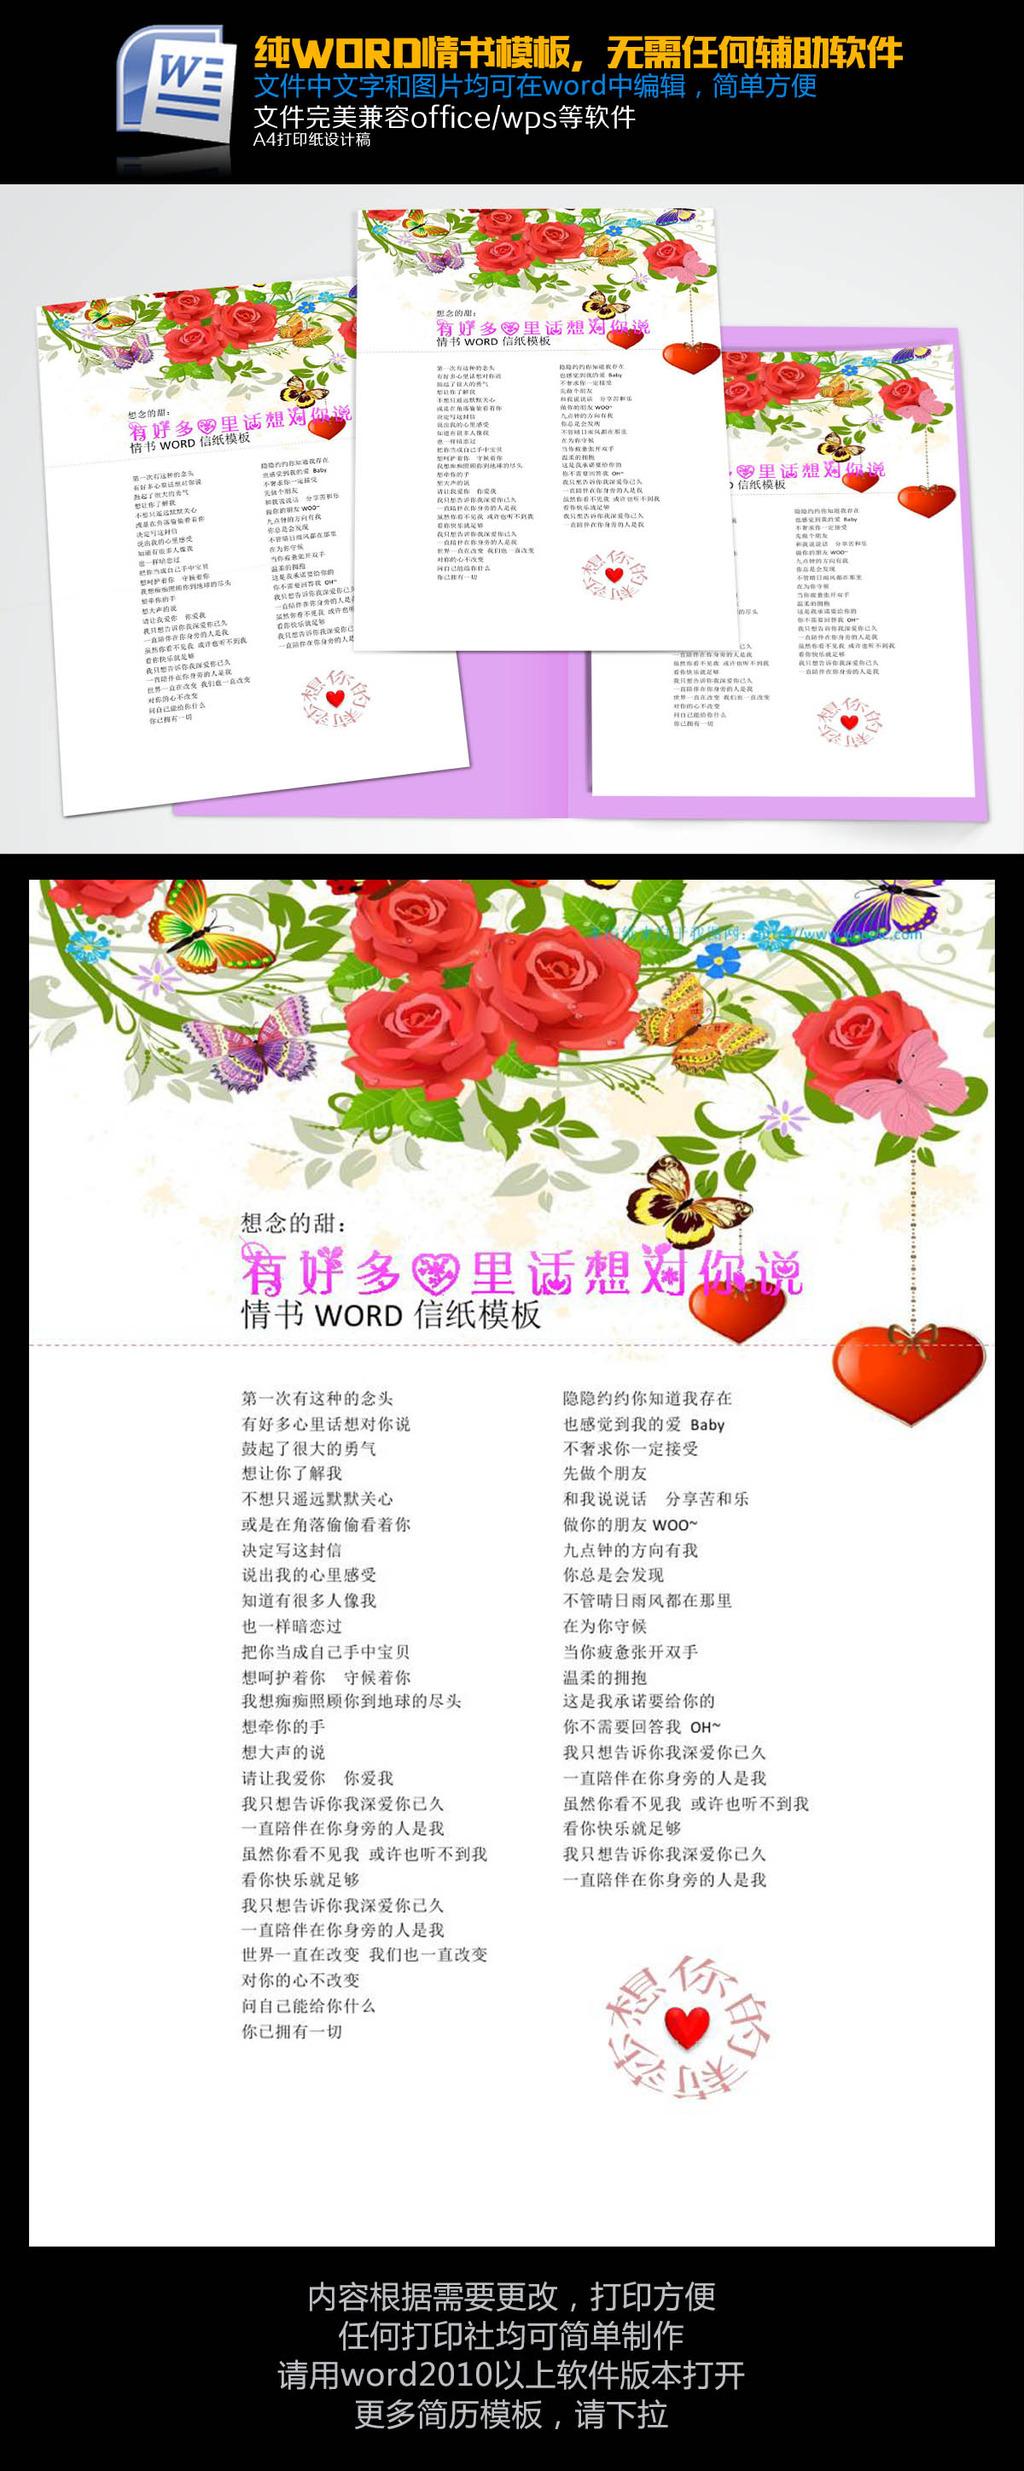 背景 模板/[版权图片]美容情书情人节word信纸背景模板下载